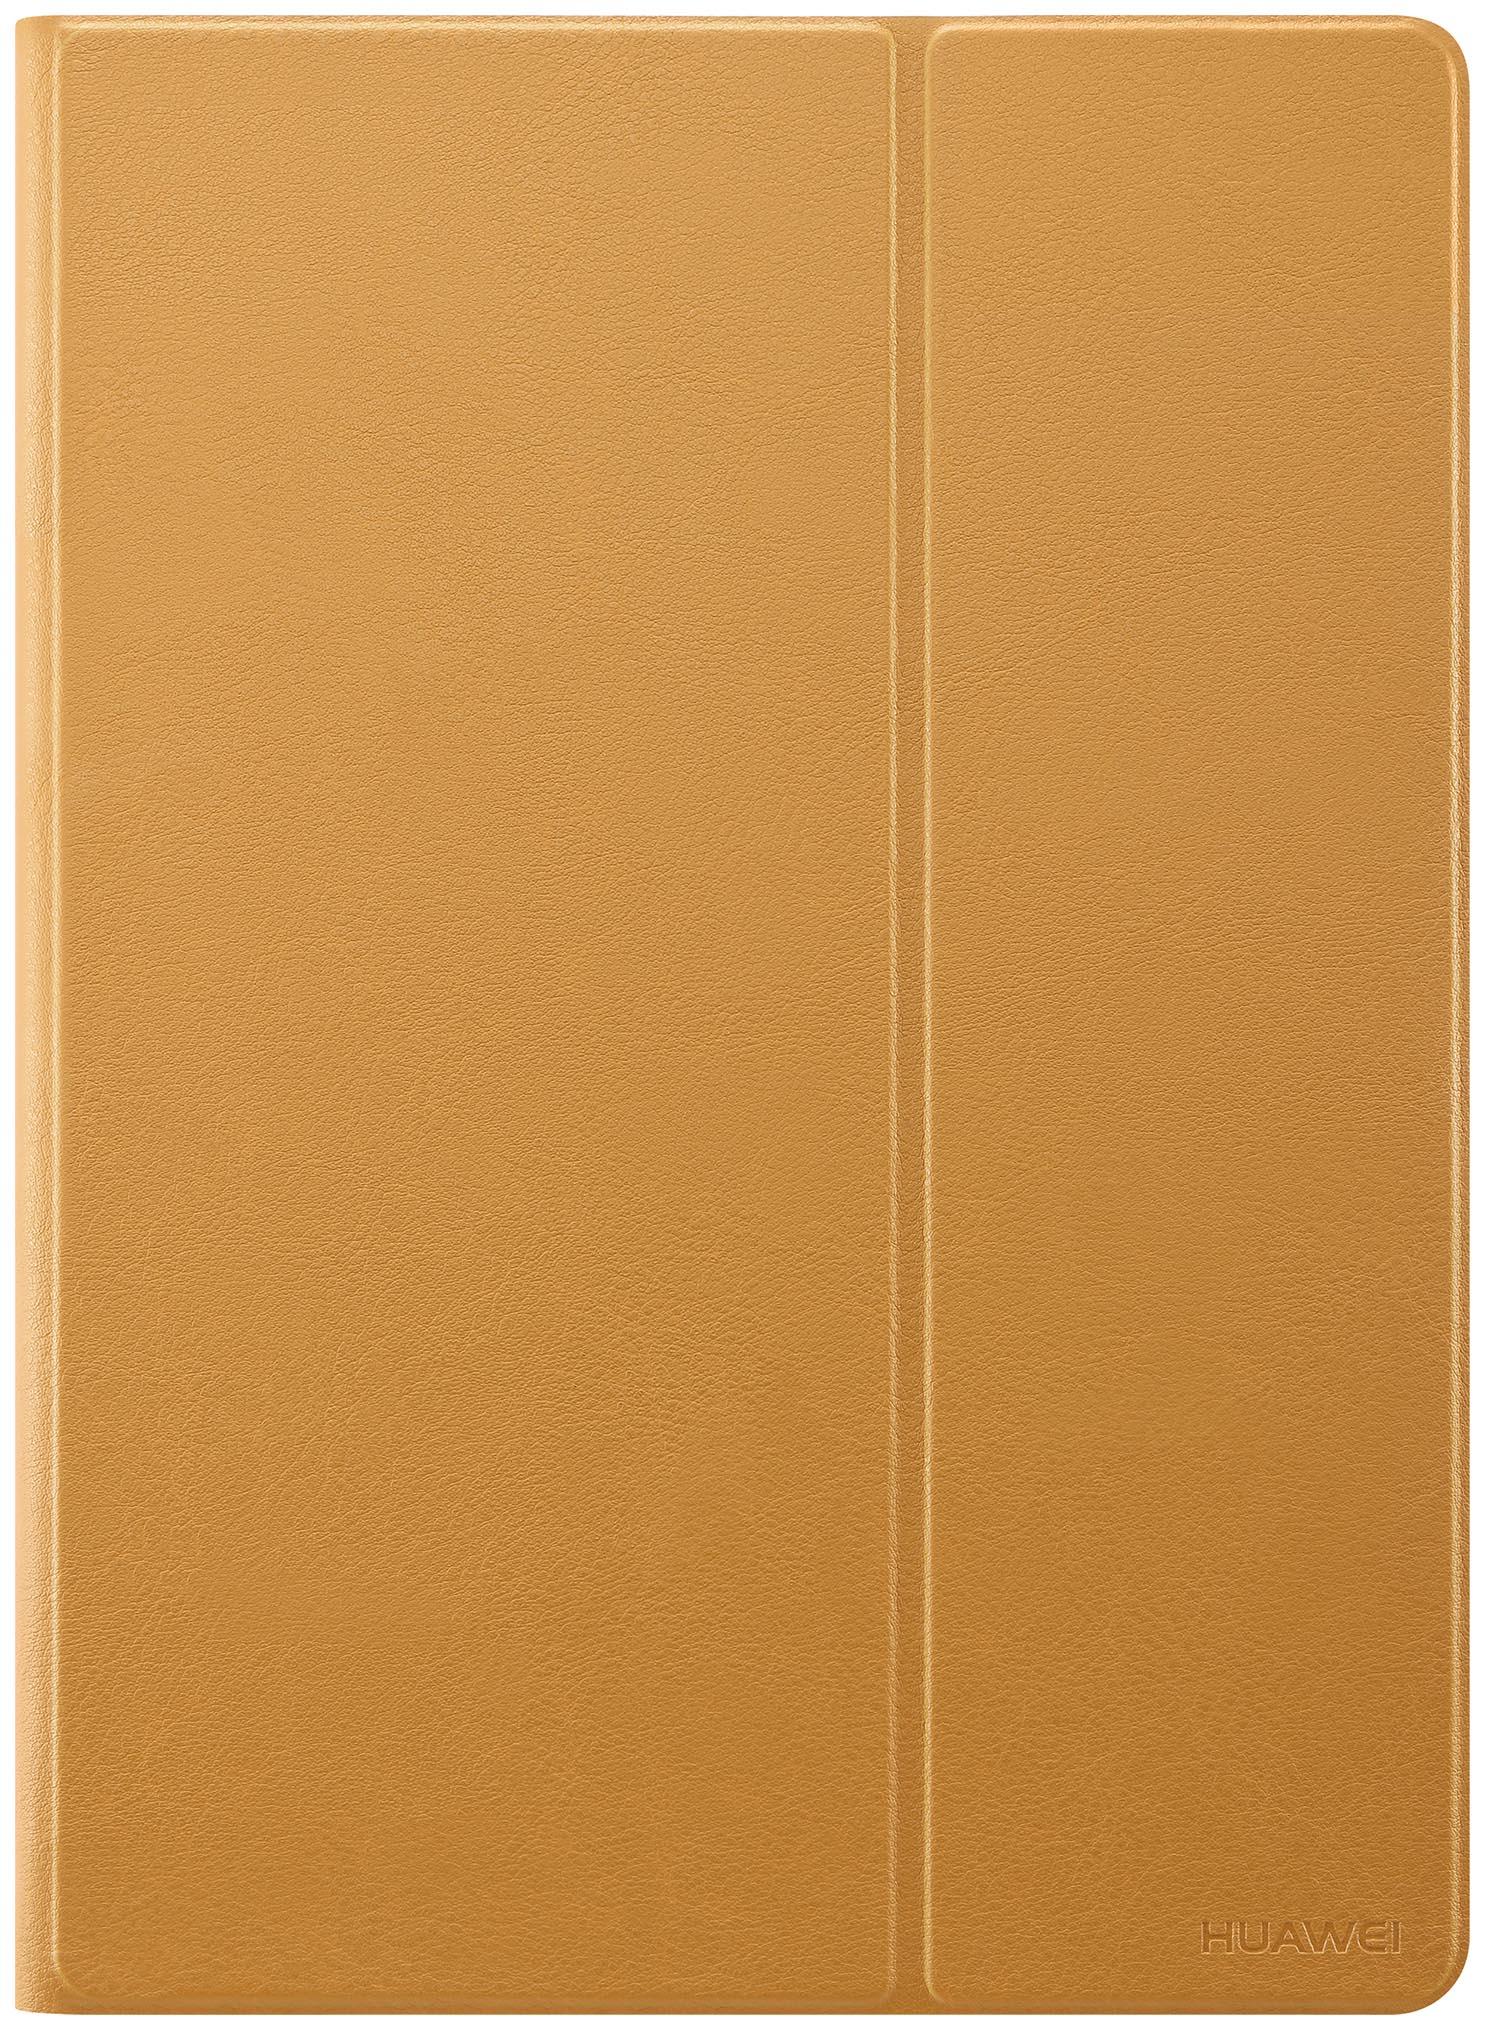 HUAWEI MEDIAPAD T3 10 BROWN (51991966)